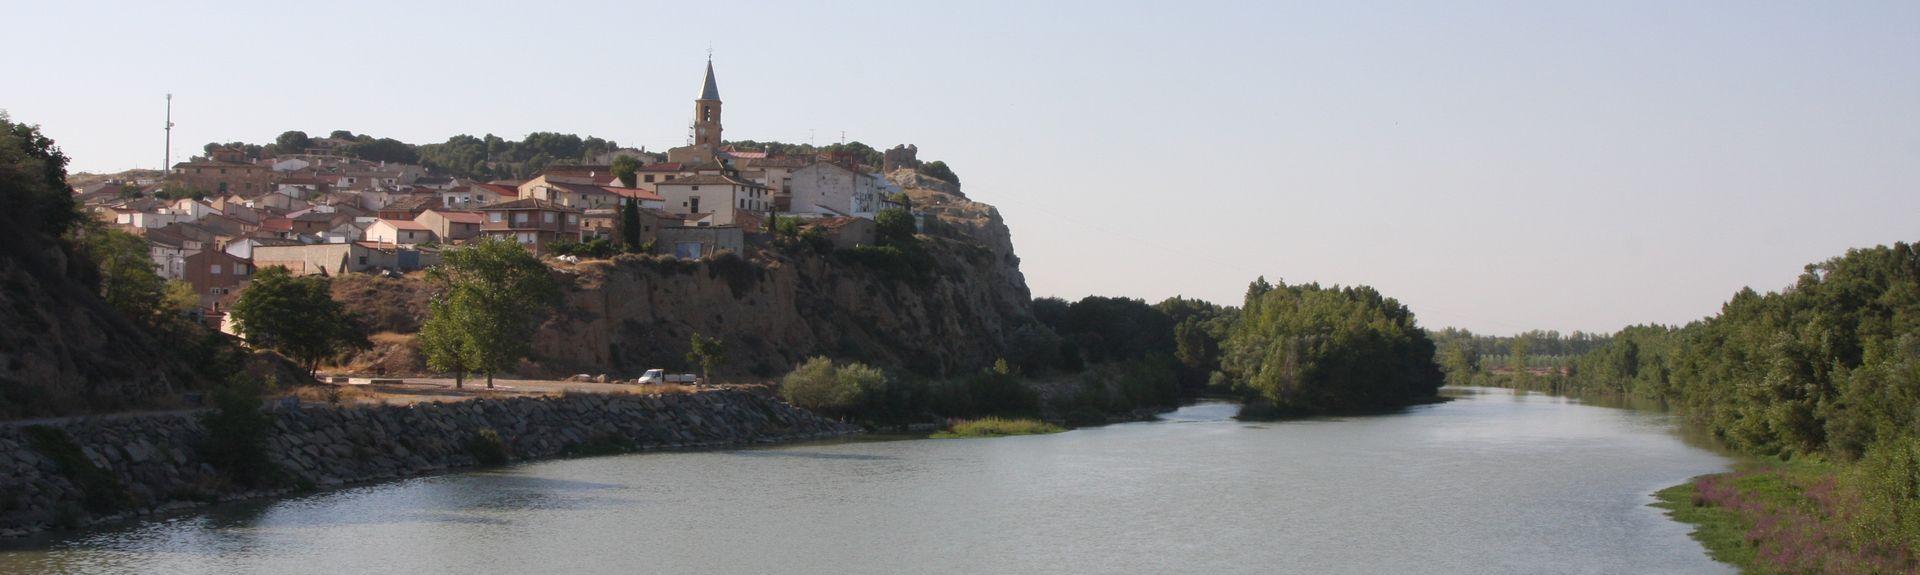 Plaza de los Fueros, Tudela, Navarra, Spania